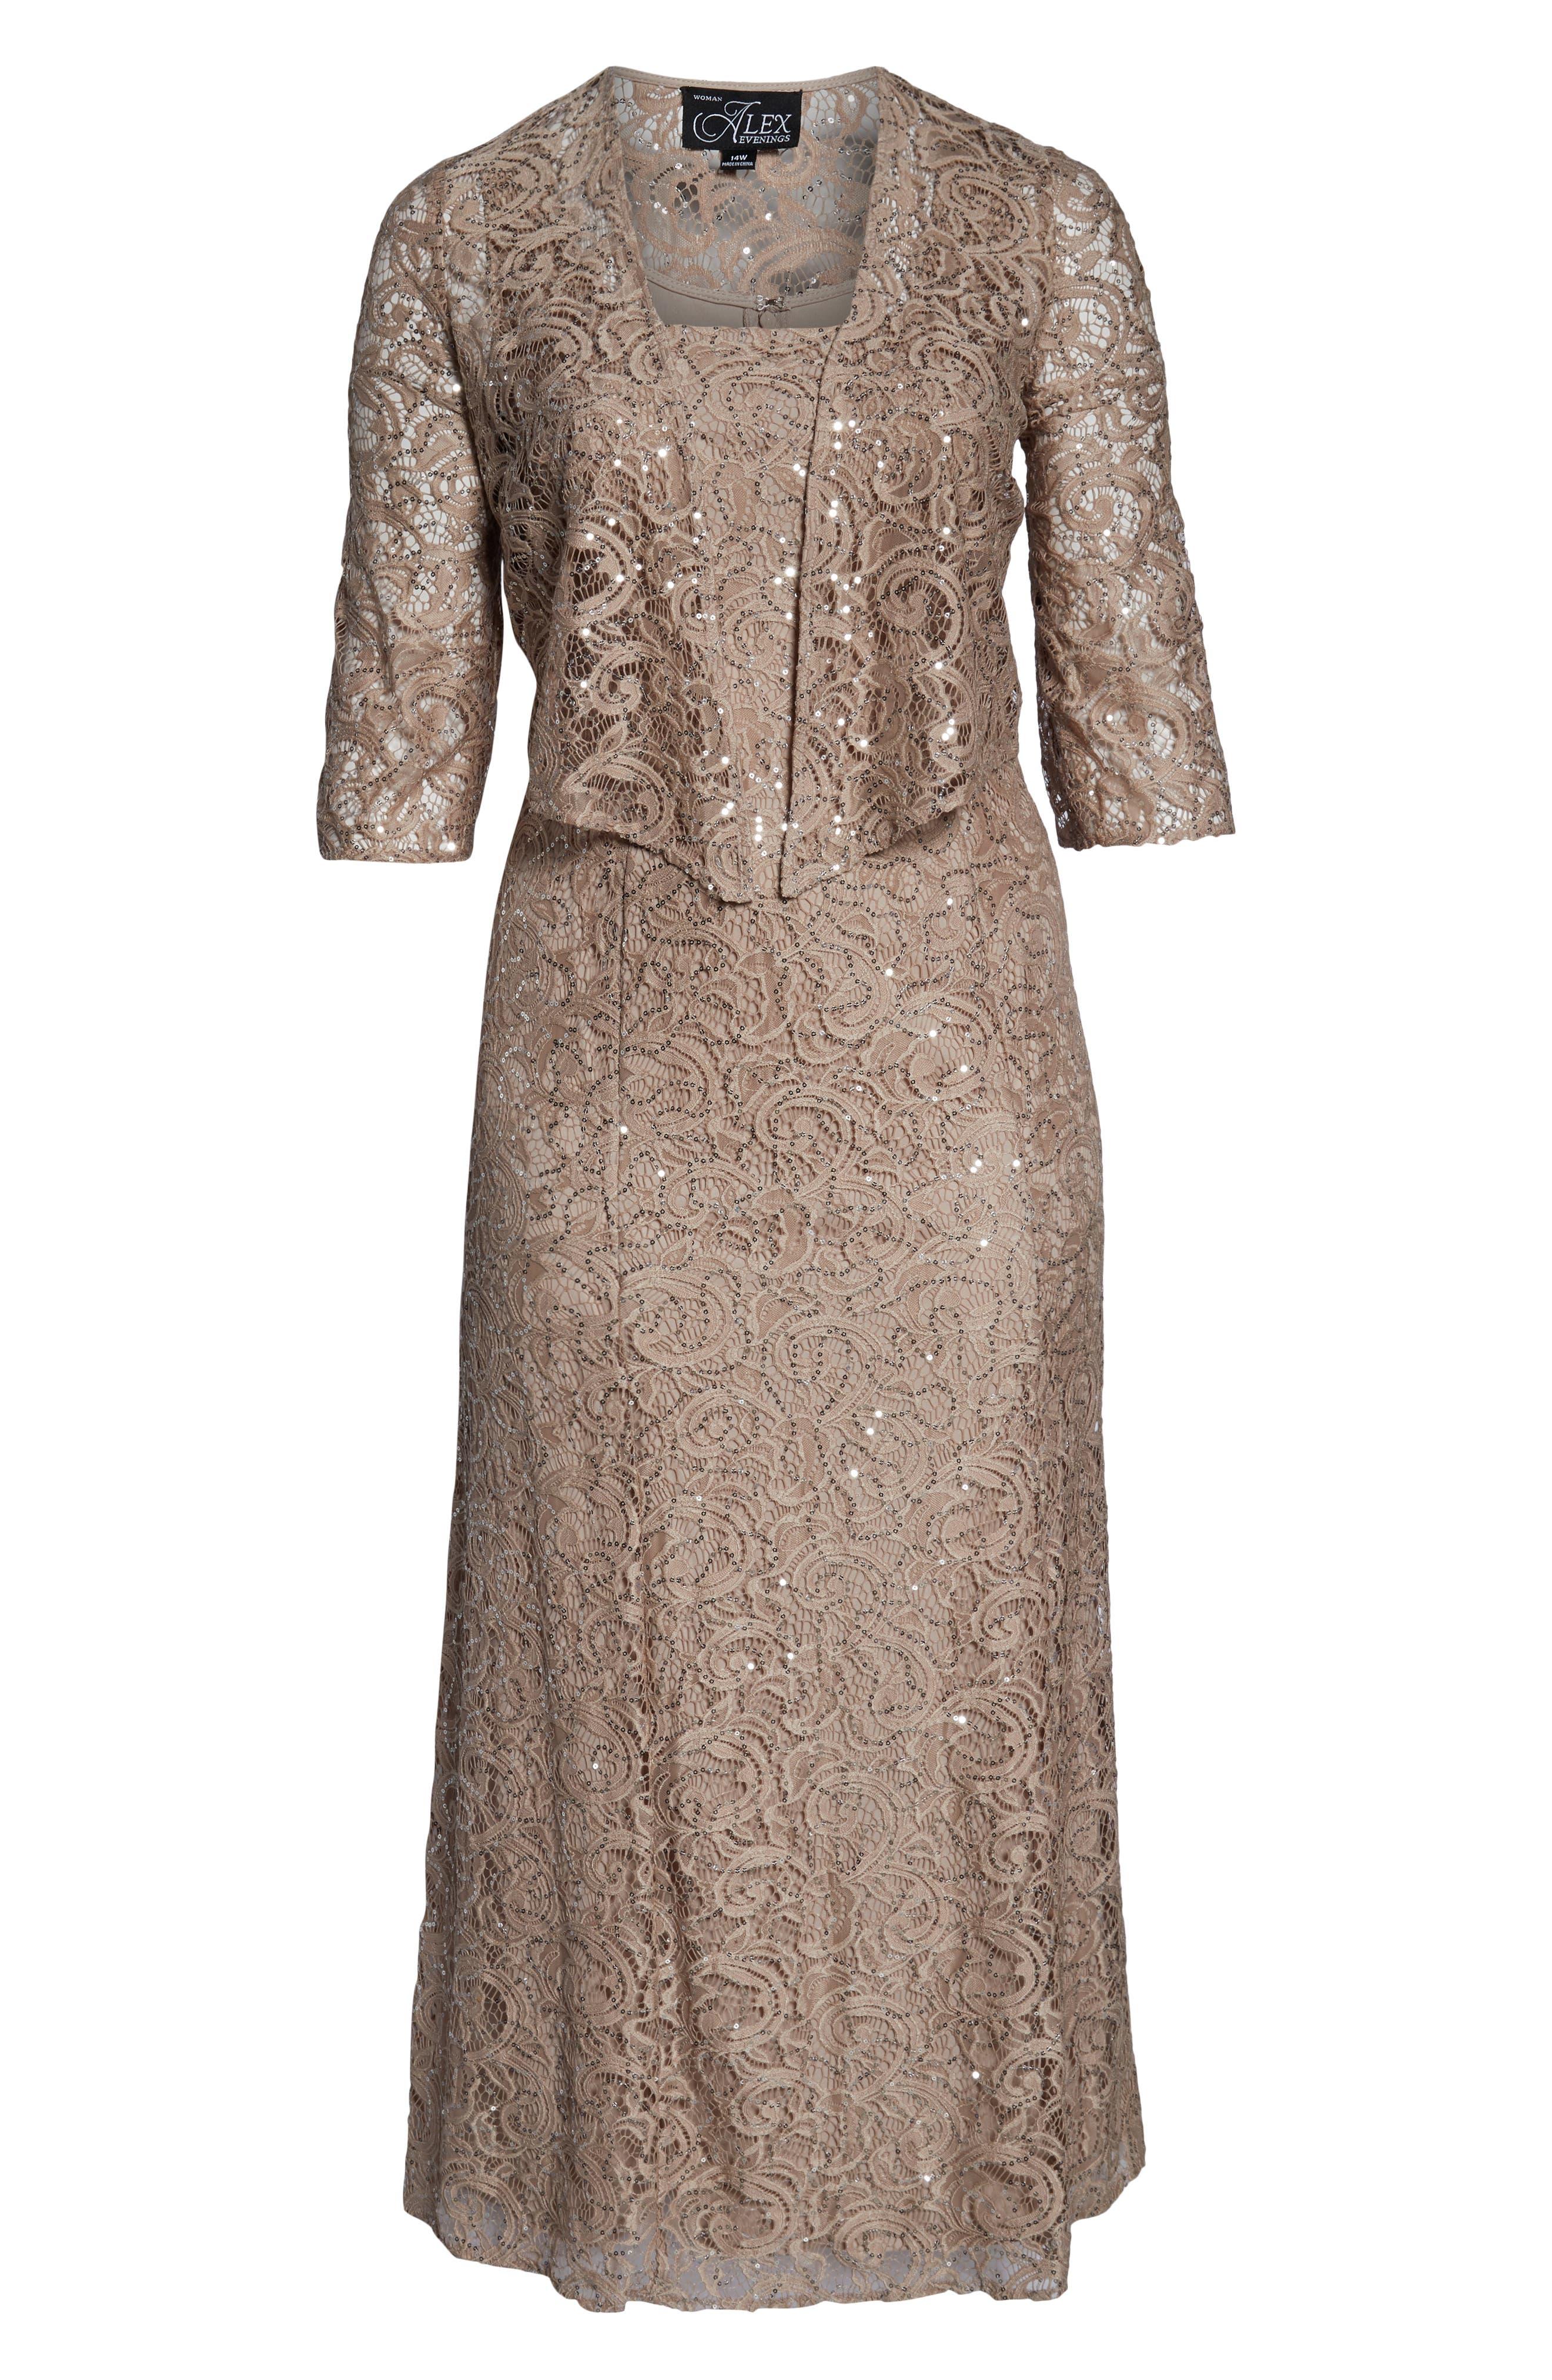 ALEX EVENINGS, Lace & Sequin Jacket Dress, Alternate thumbnail 6, color, BUFF